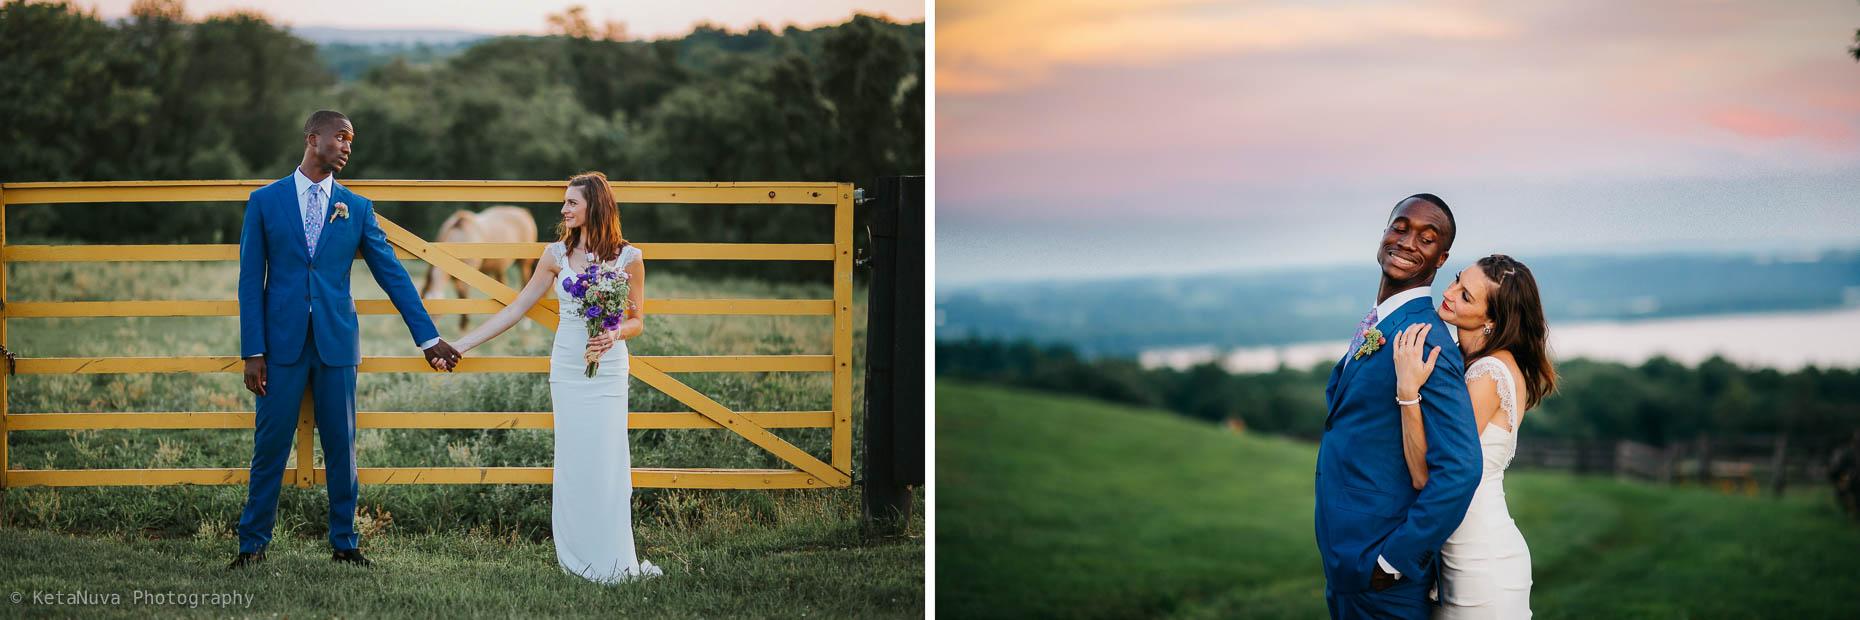 Sunken Garden - Lauxmont Farms Wedding   Aubrey & Barrett Lauxmont Farms Wedding Sunken Garden 008